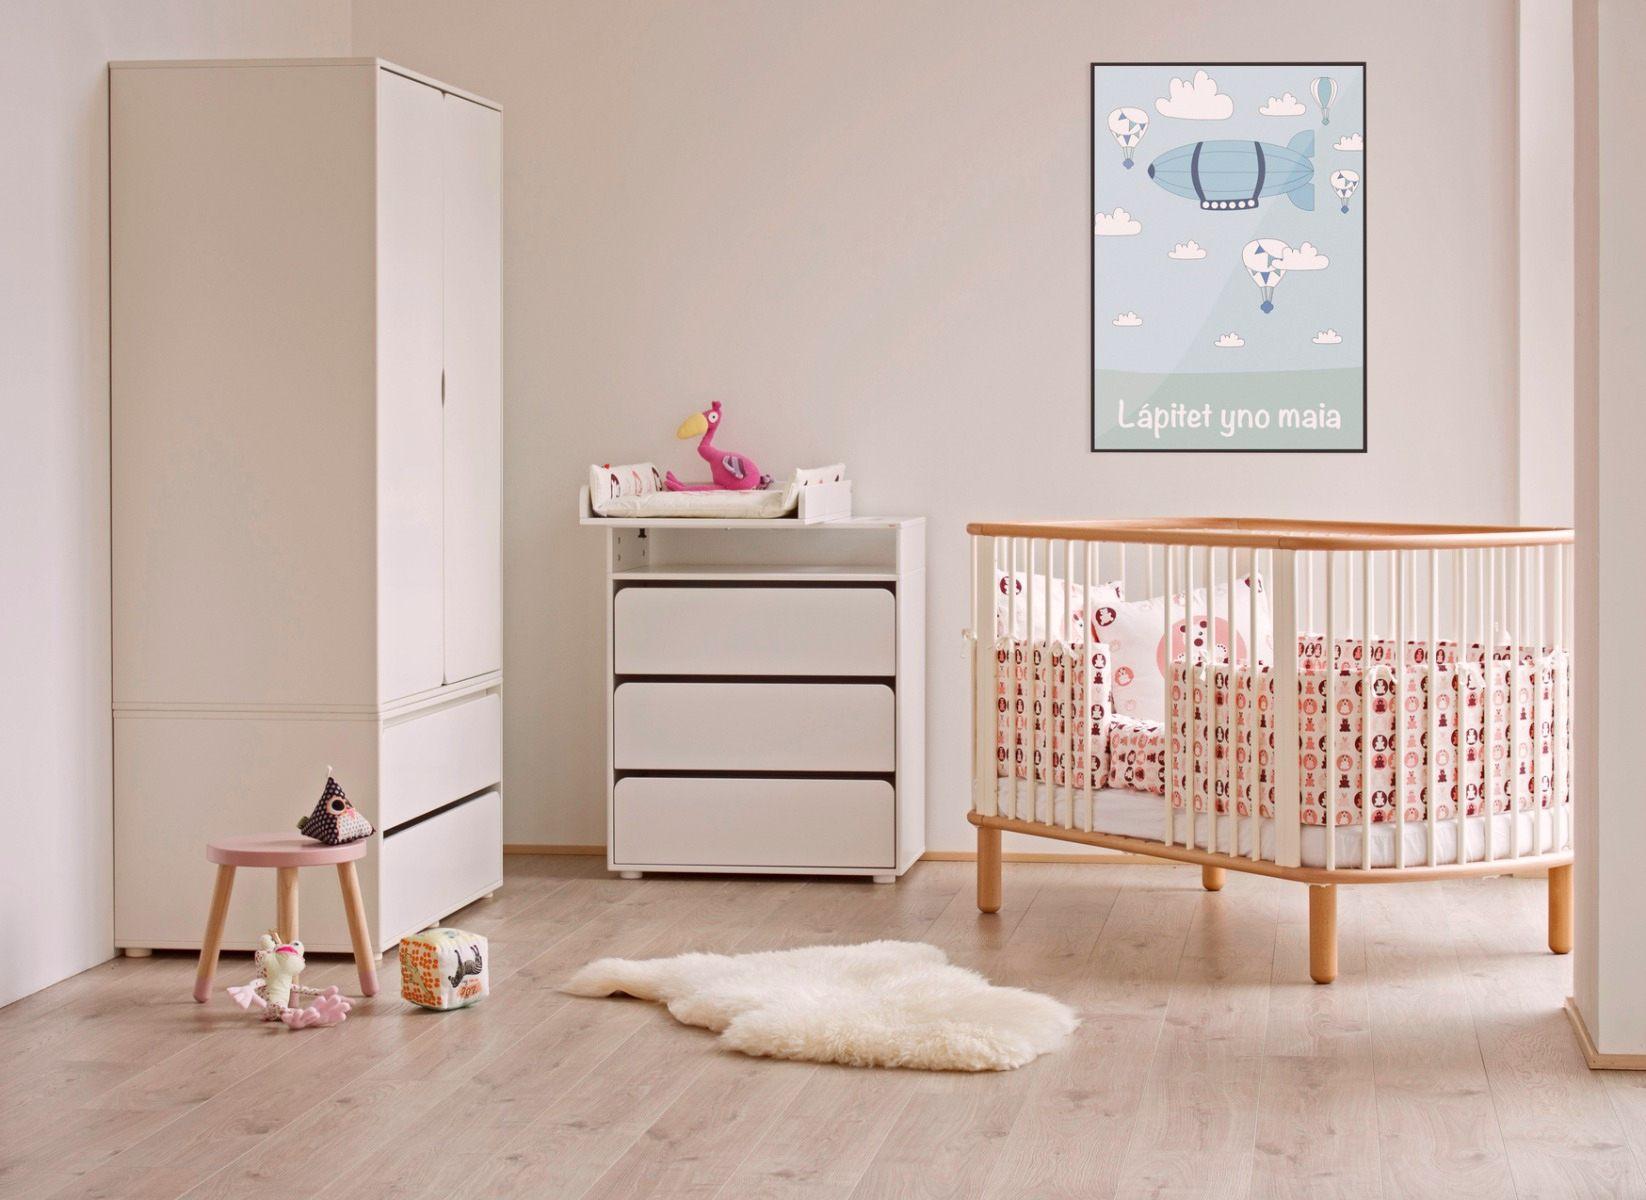 Lit Bebe Luxe Belle Extraordinaire Chambre Plete Ado Fille Et Deco Chambre Bebe